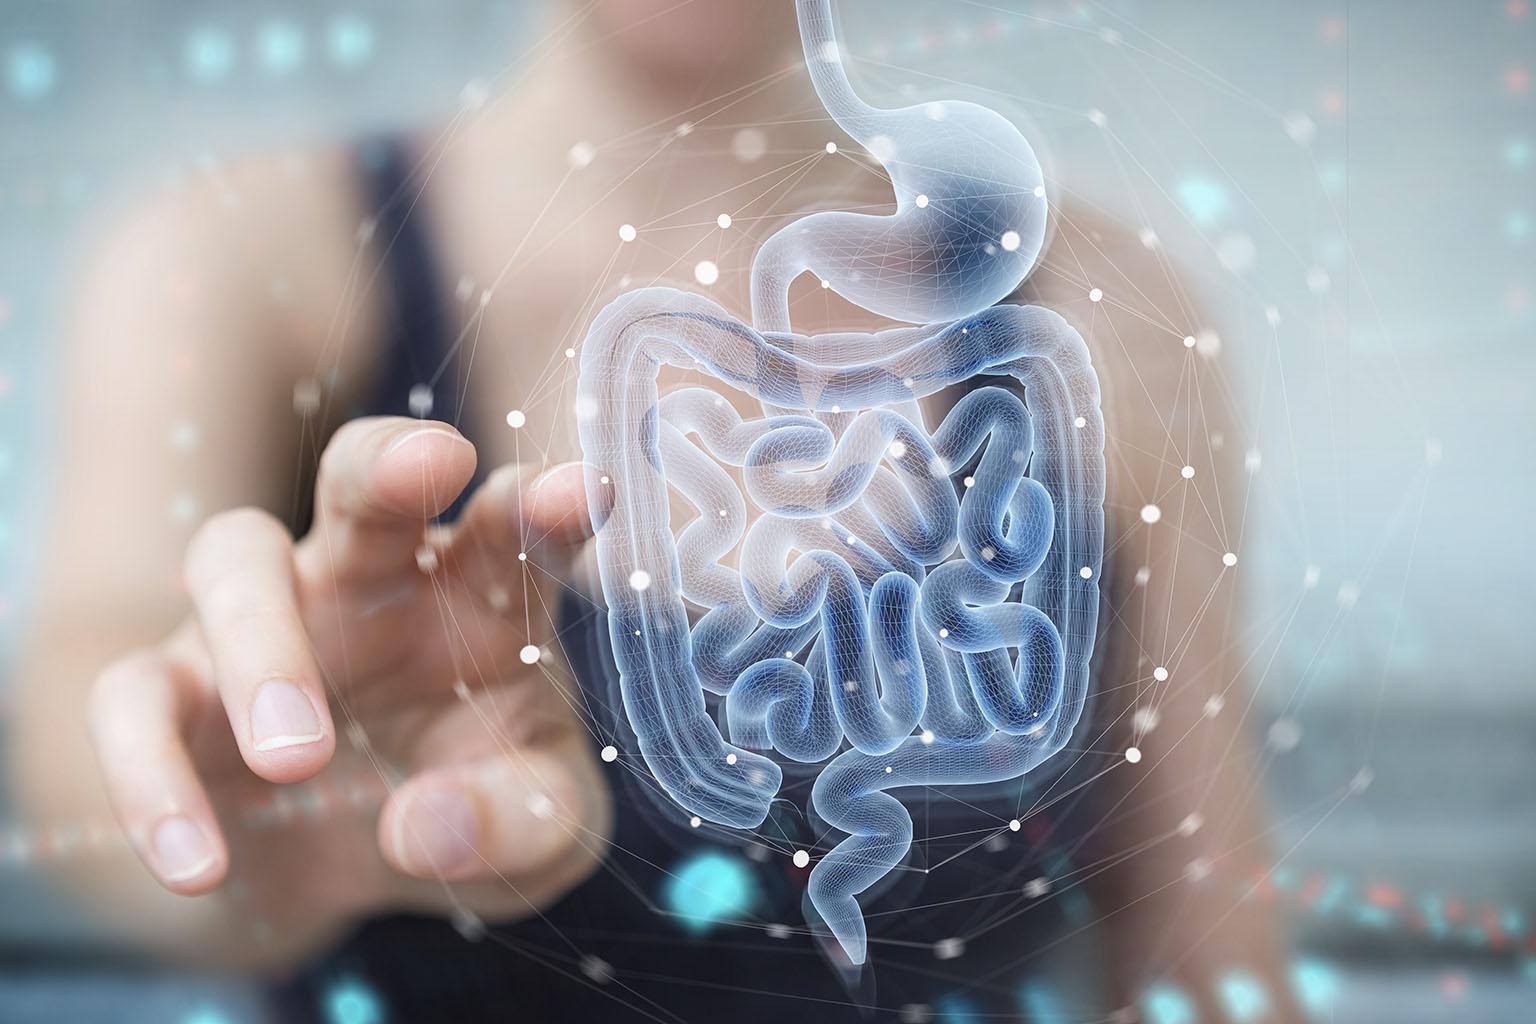 Czym jest dysbioza jelitowa i jak mogą pomóc probiotyki?